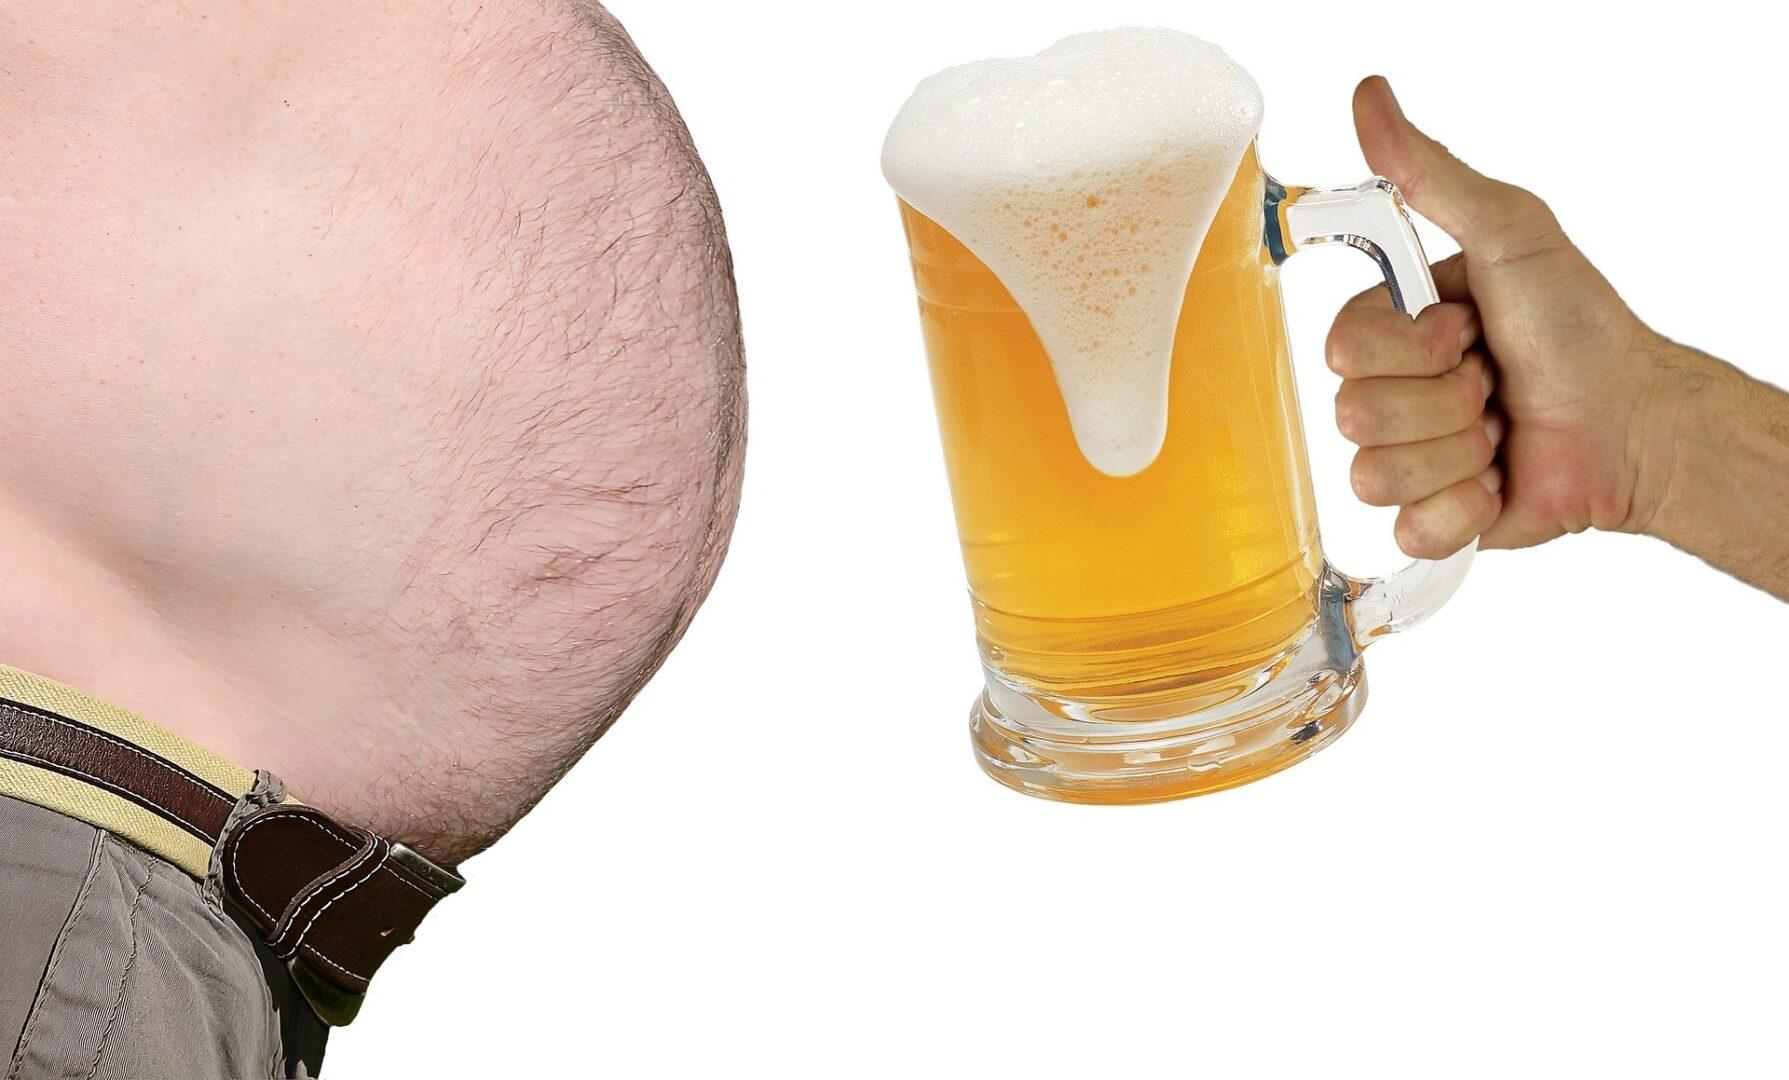 The alcoholic liver